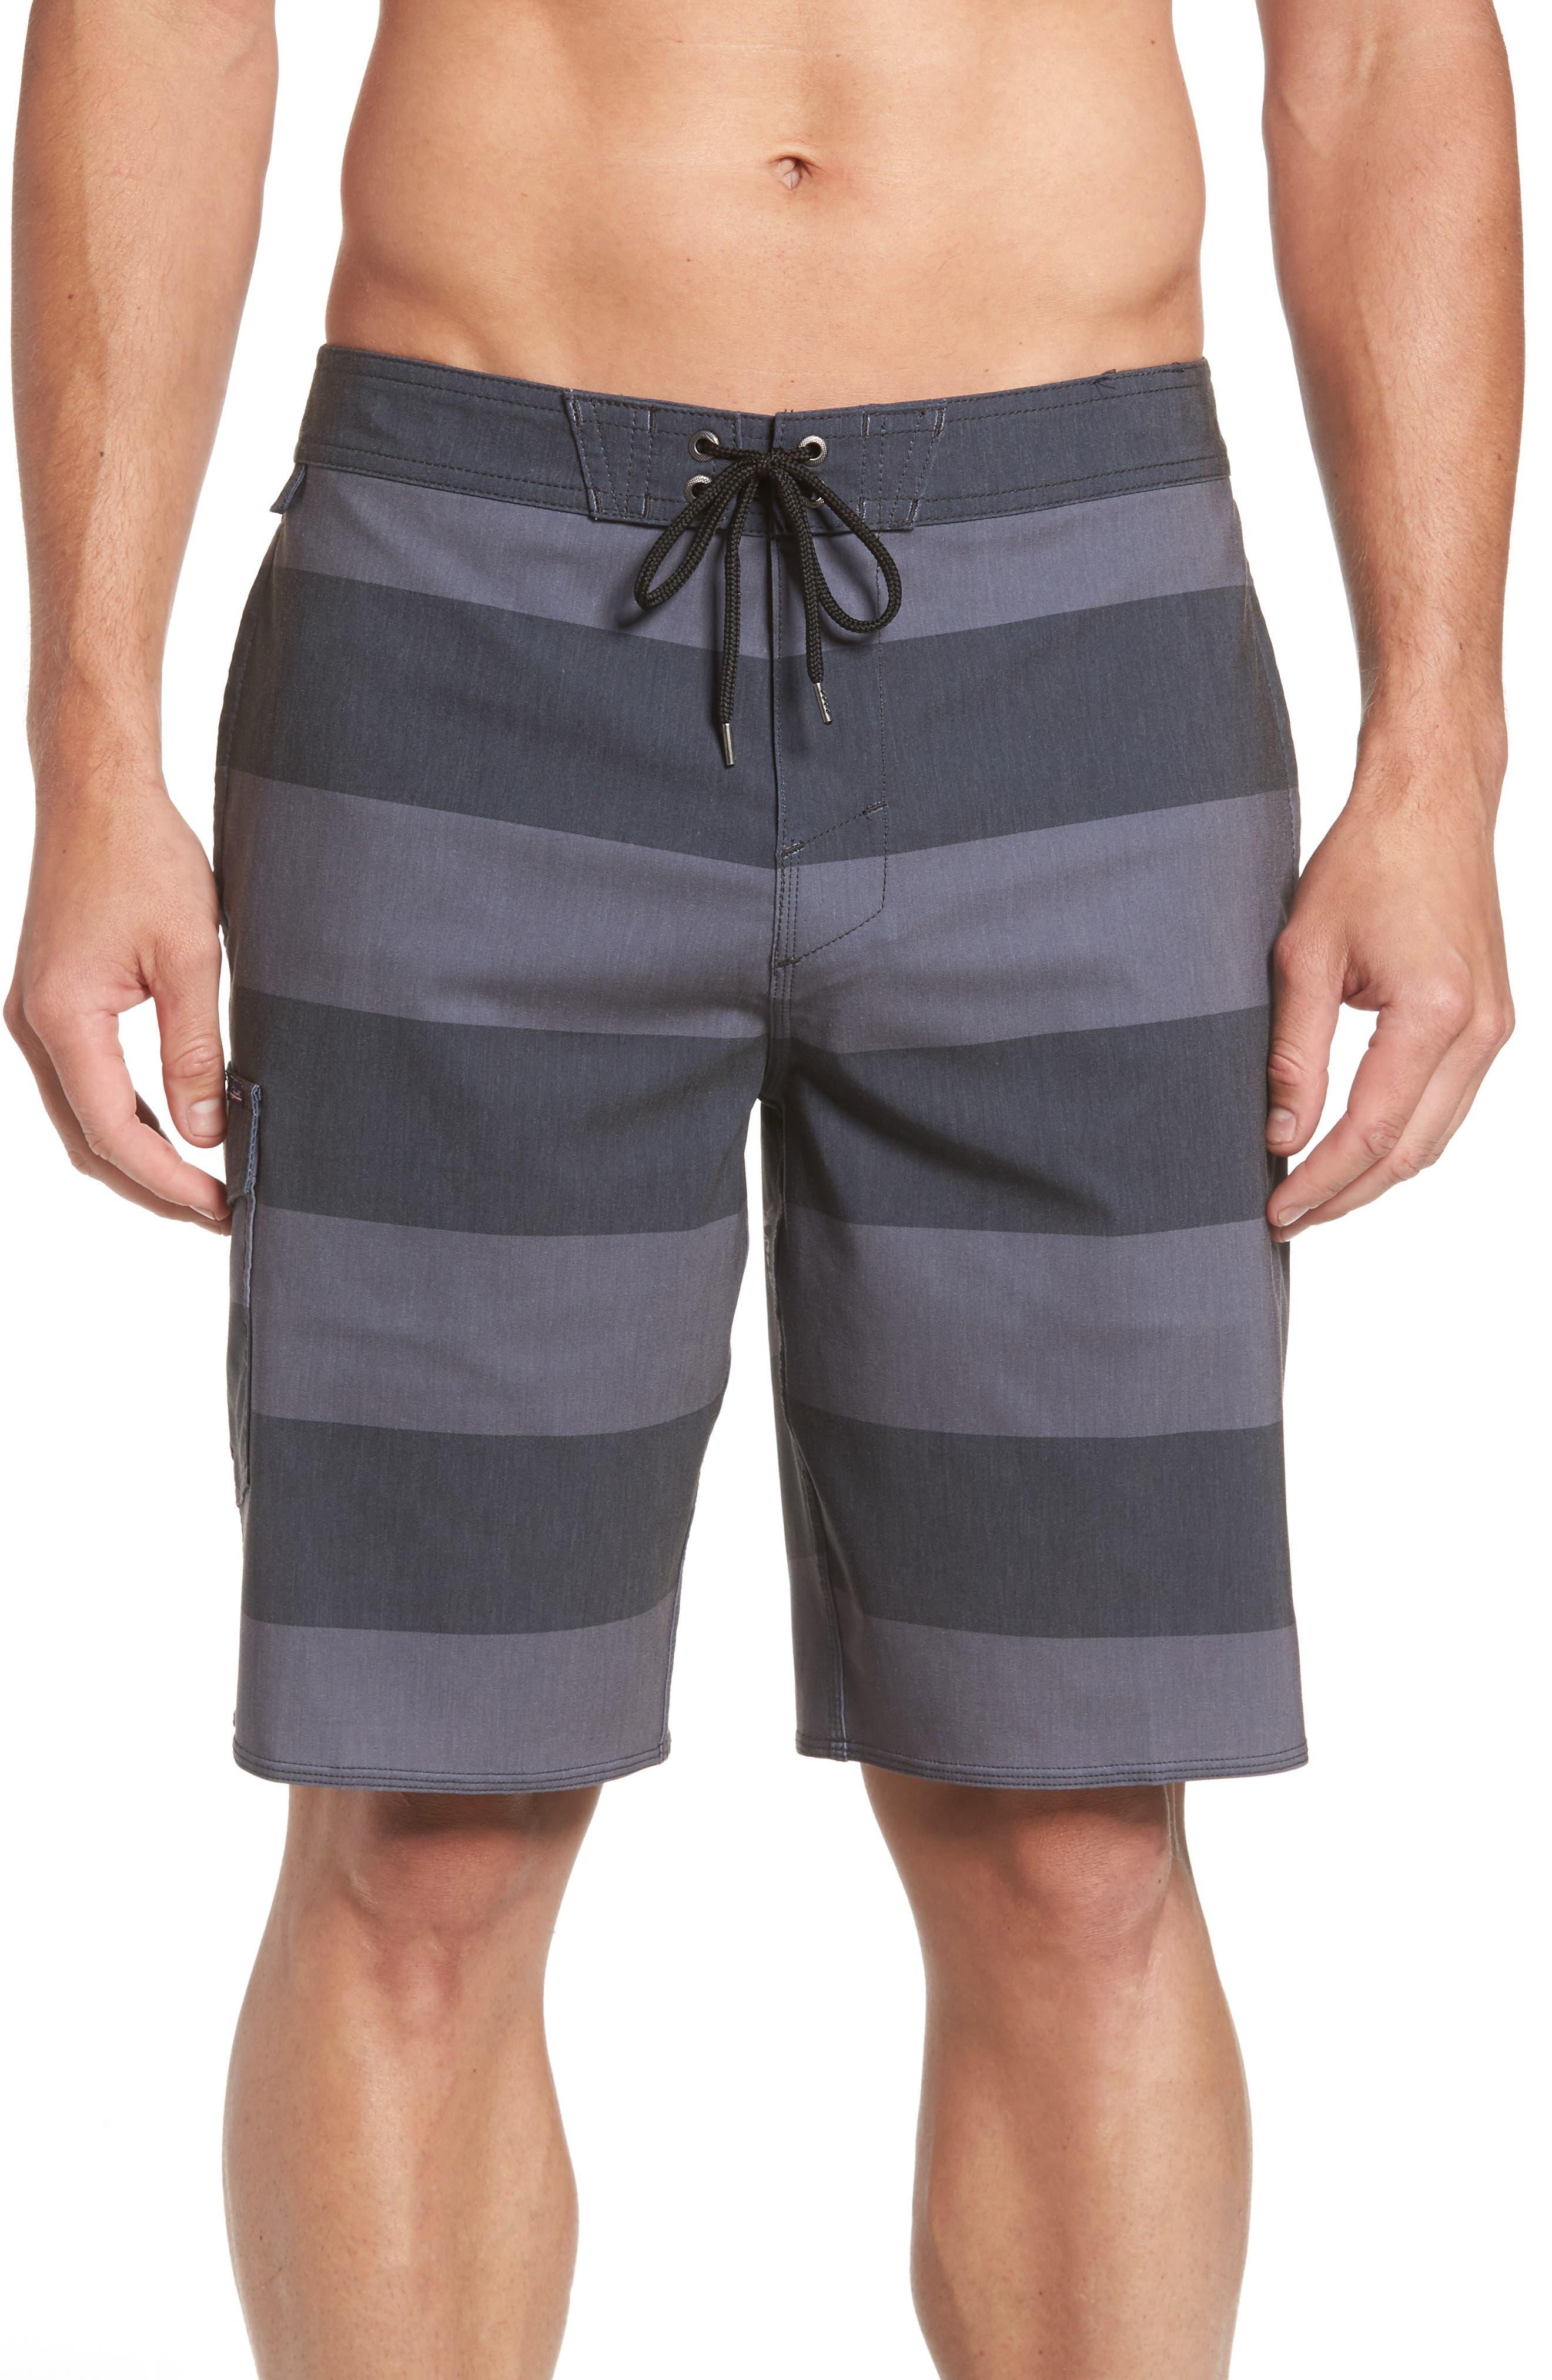 Homage Board Shorts,                         Main,                         color, Black